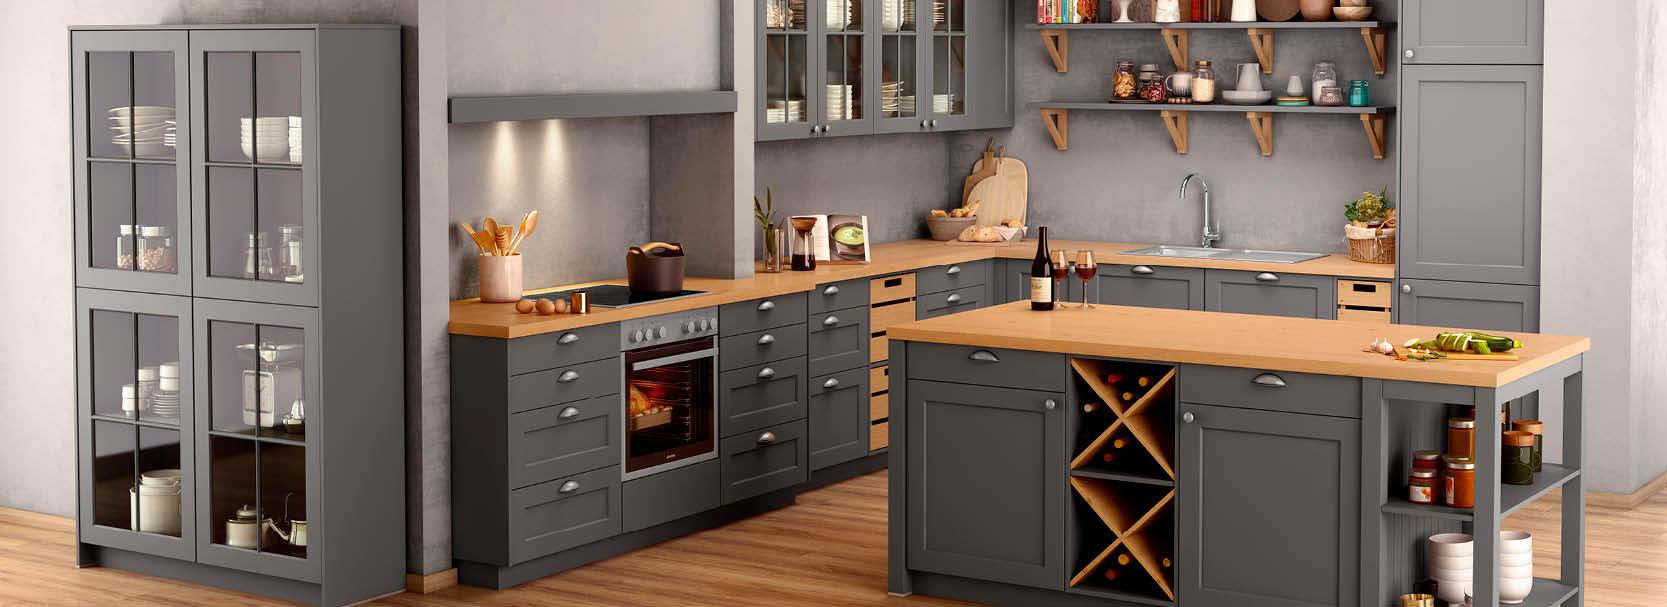 Landhausküchen – rustikal, gemütlich, modern